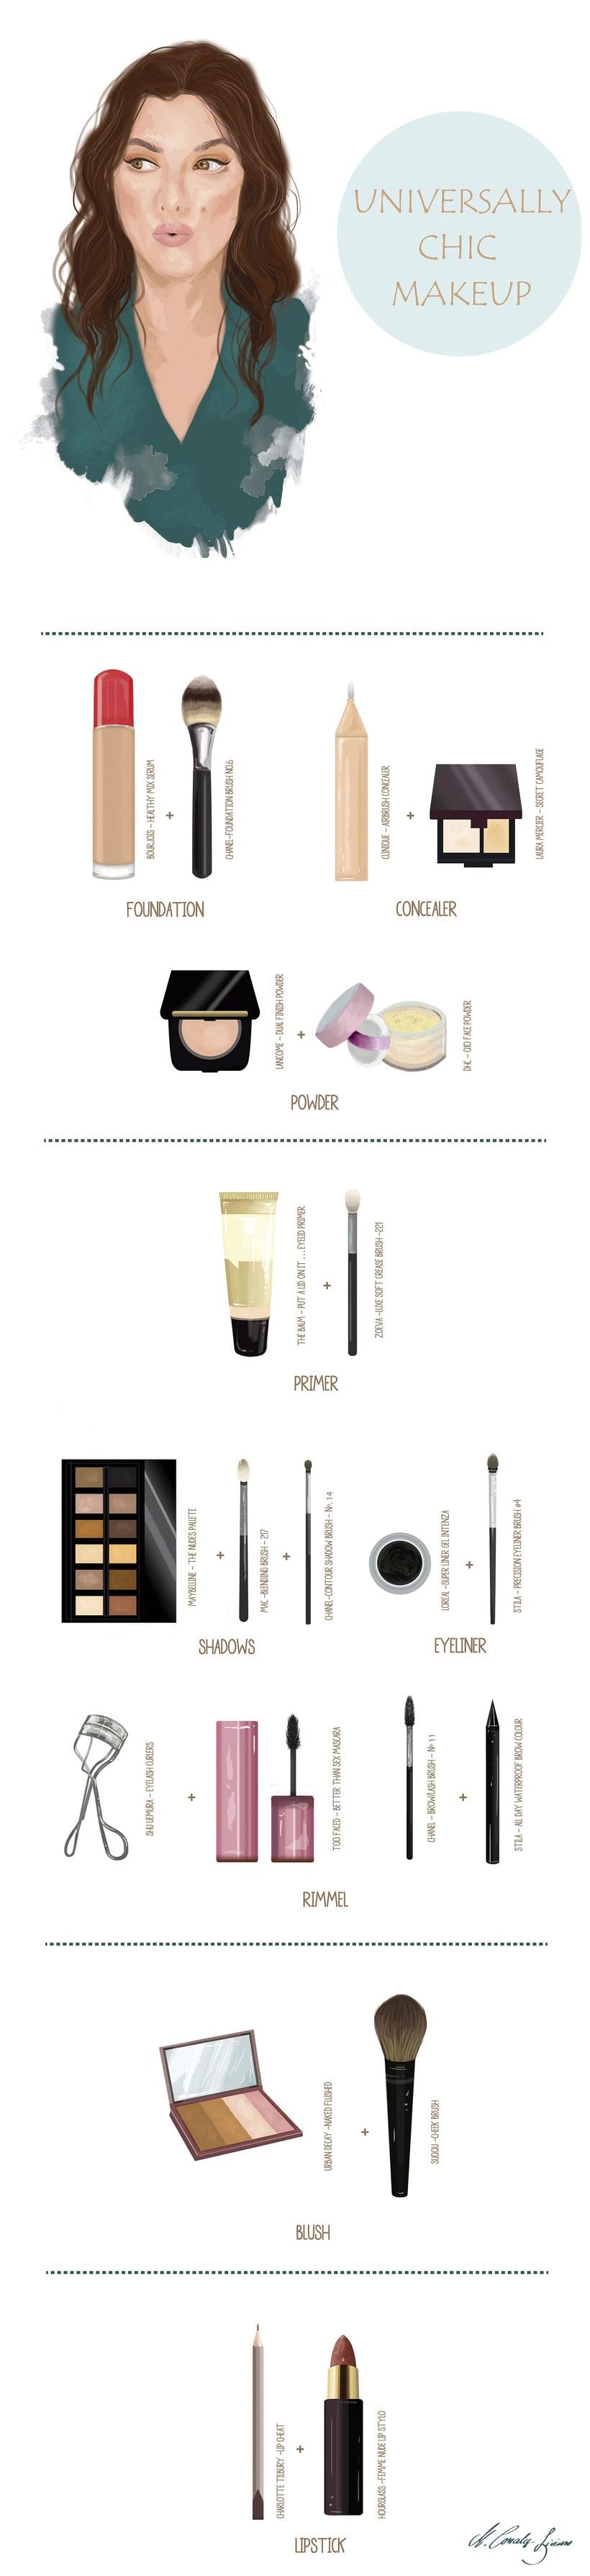 Infografía sobre maquillaje paso a paso 0